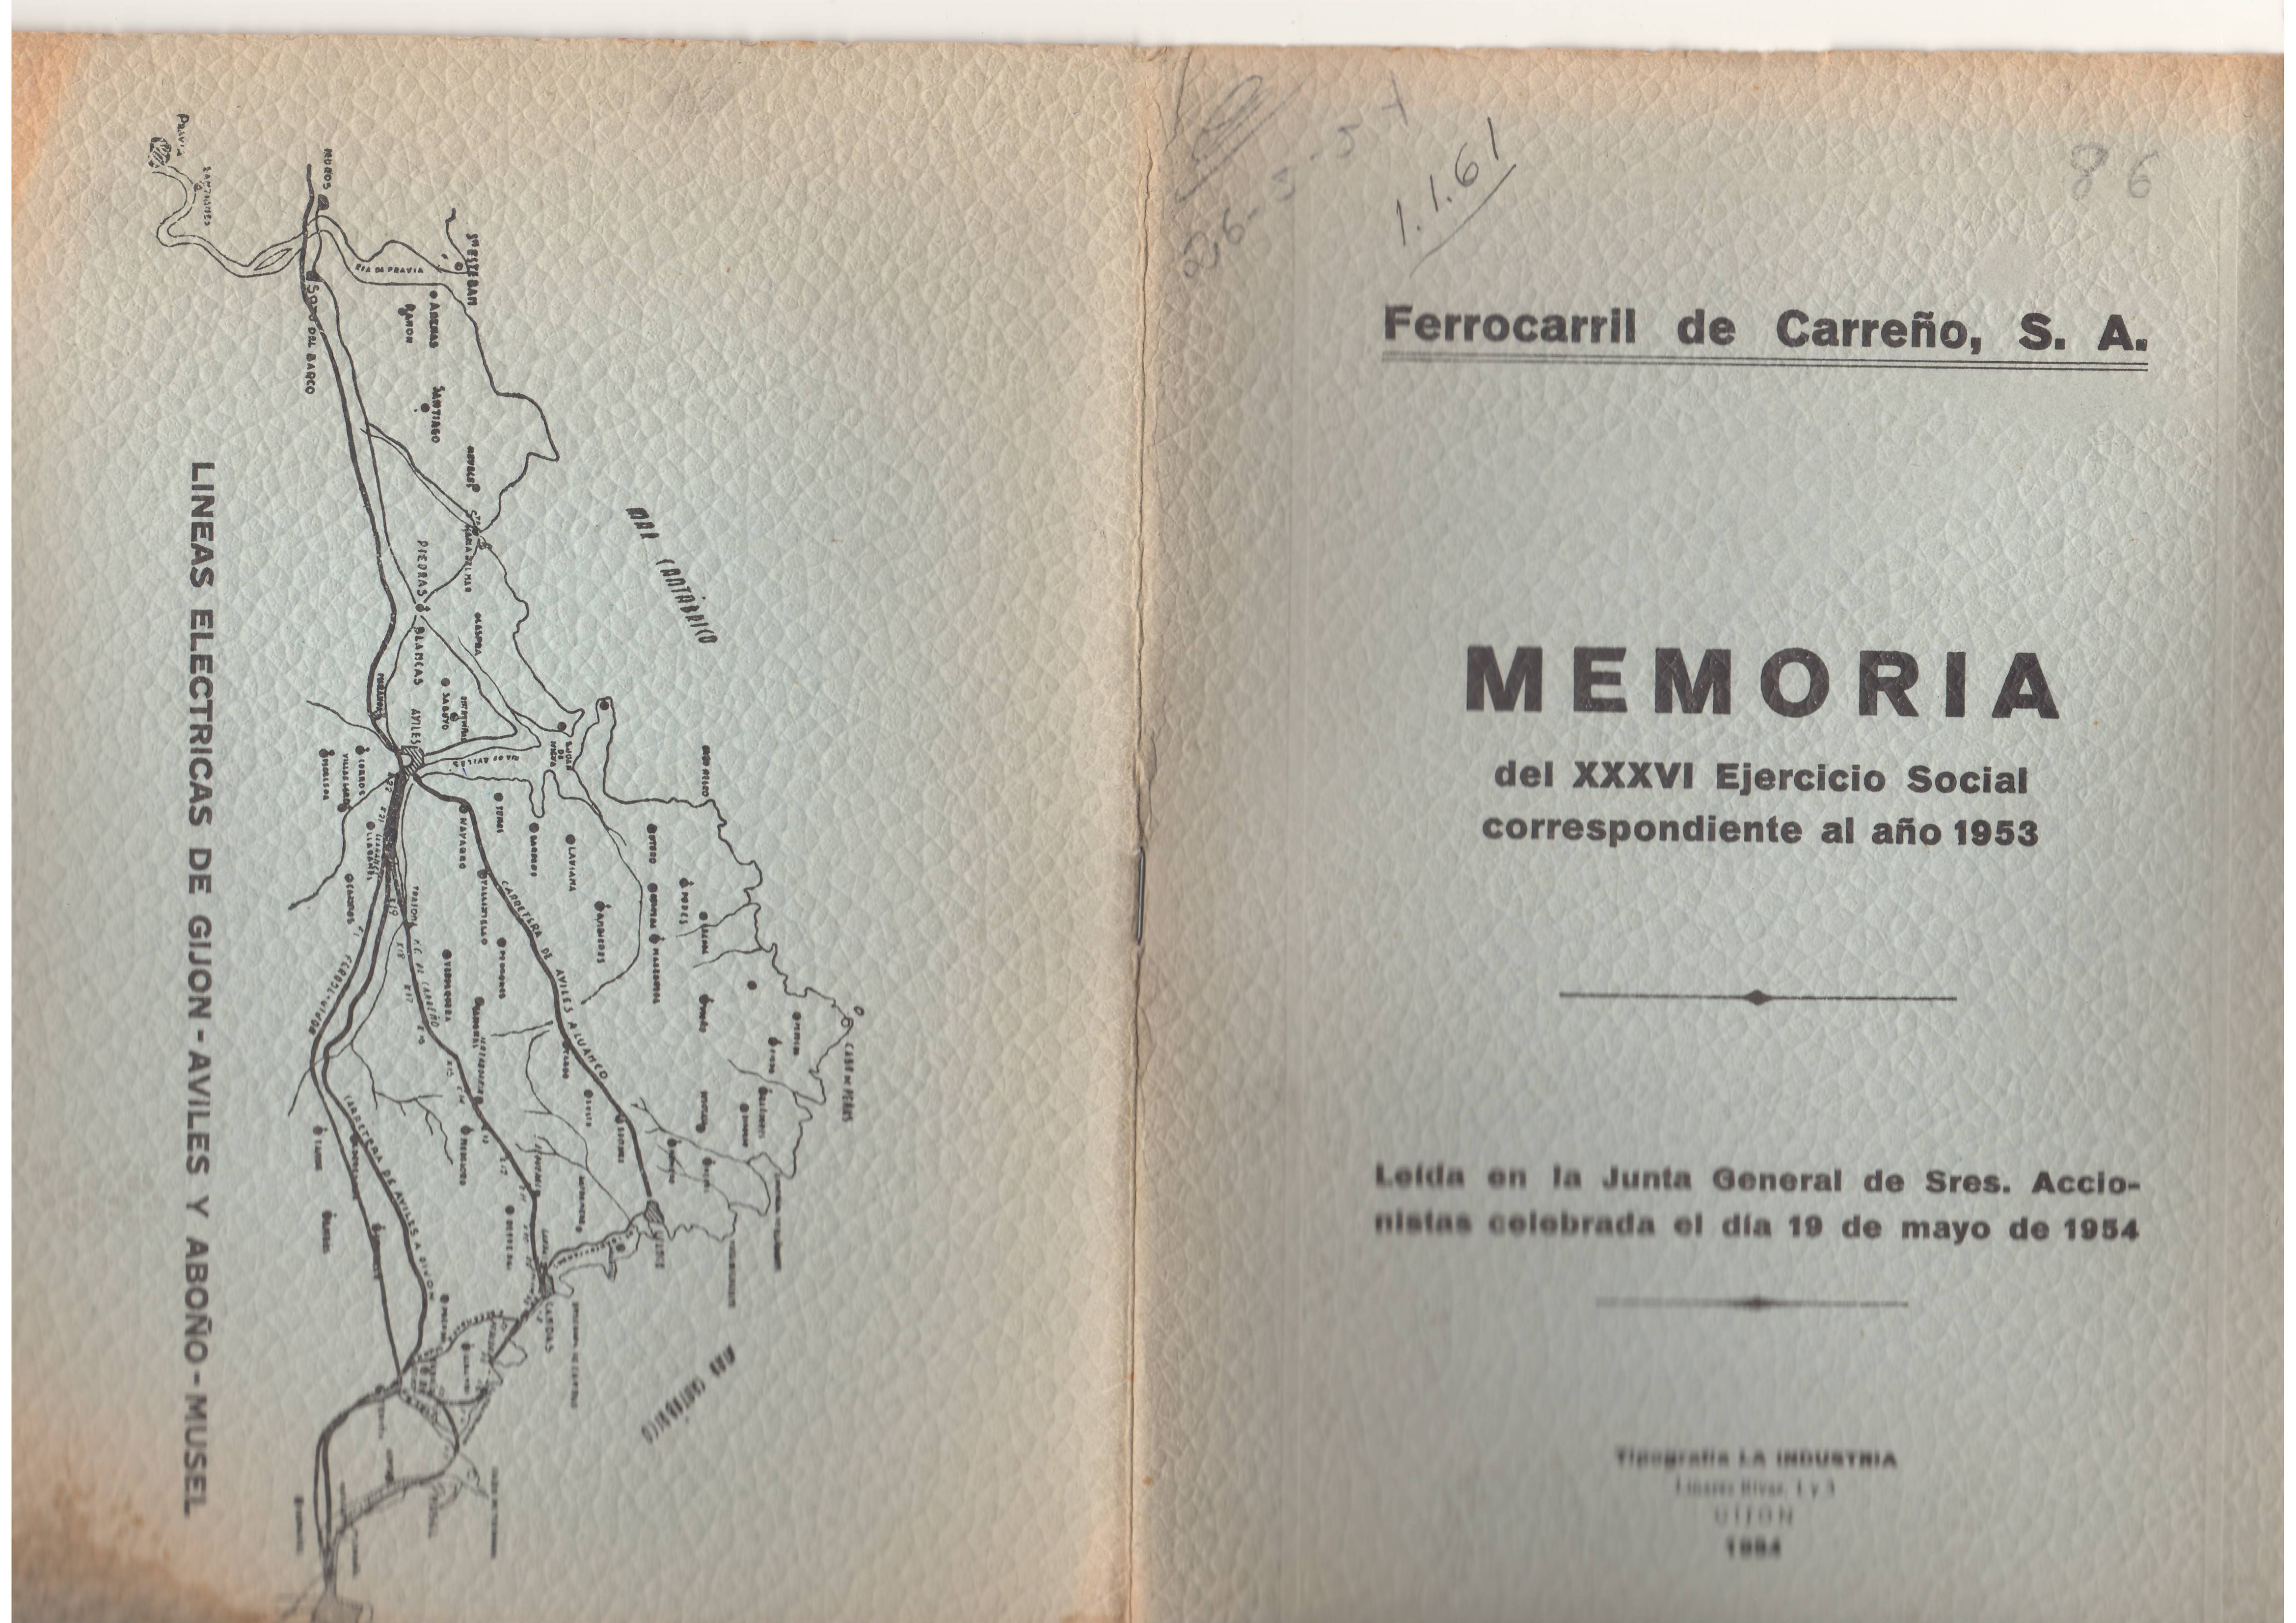 Ferrocarril de Carreño